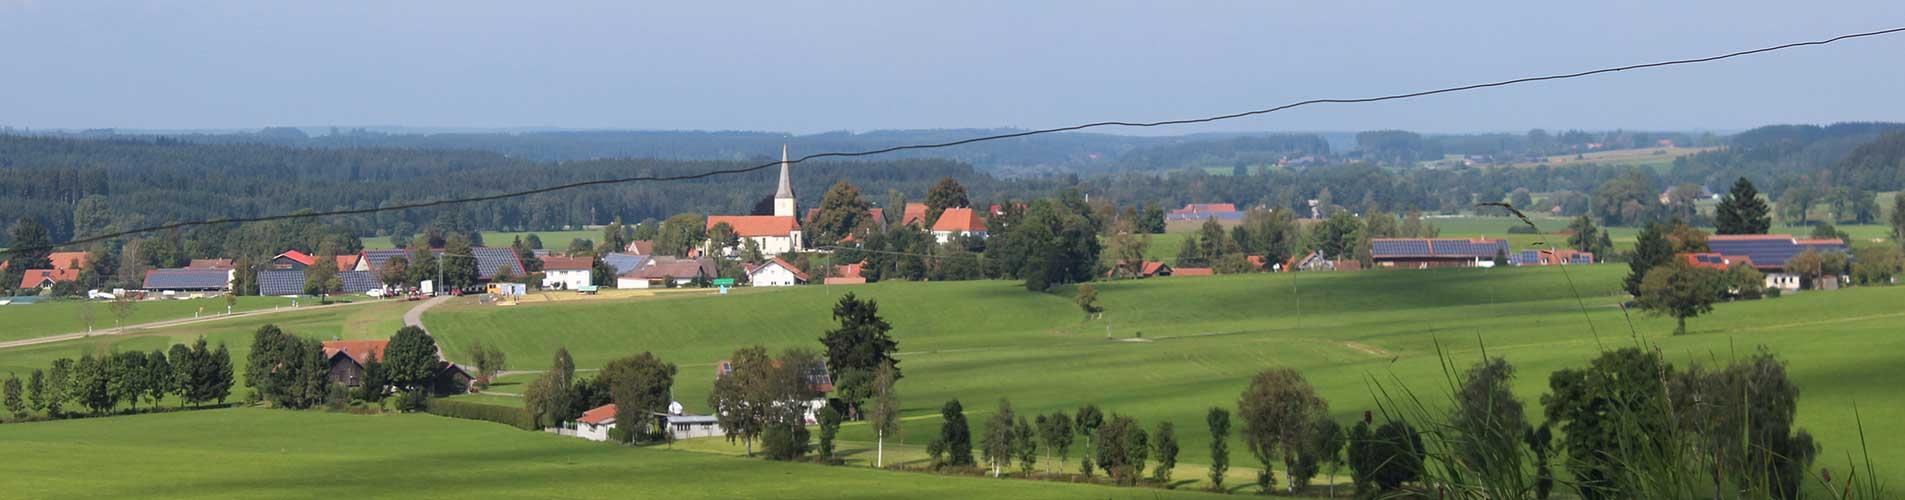 Kontakt zu Mietwagen Hiemer-Hee in Altusried